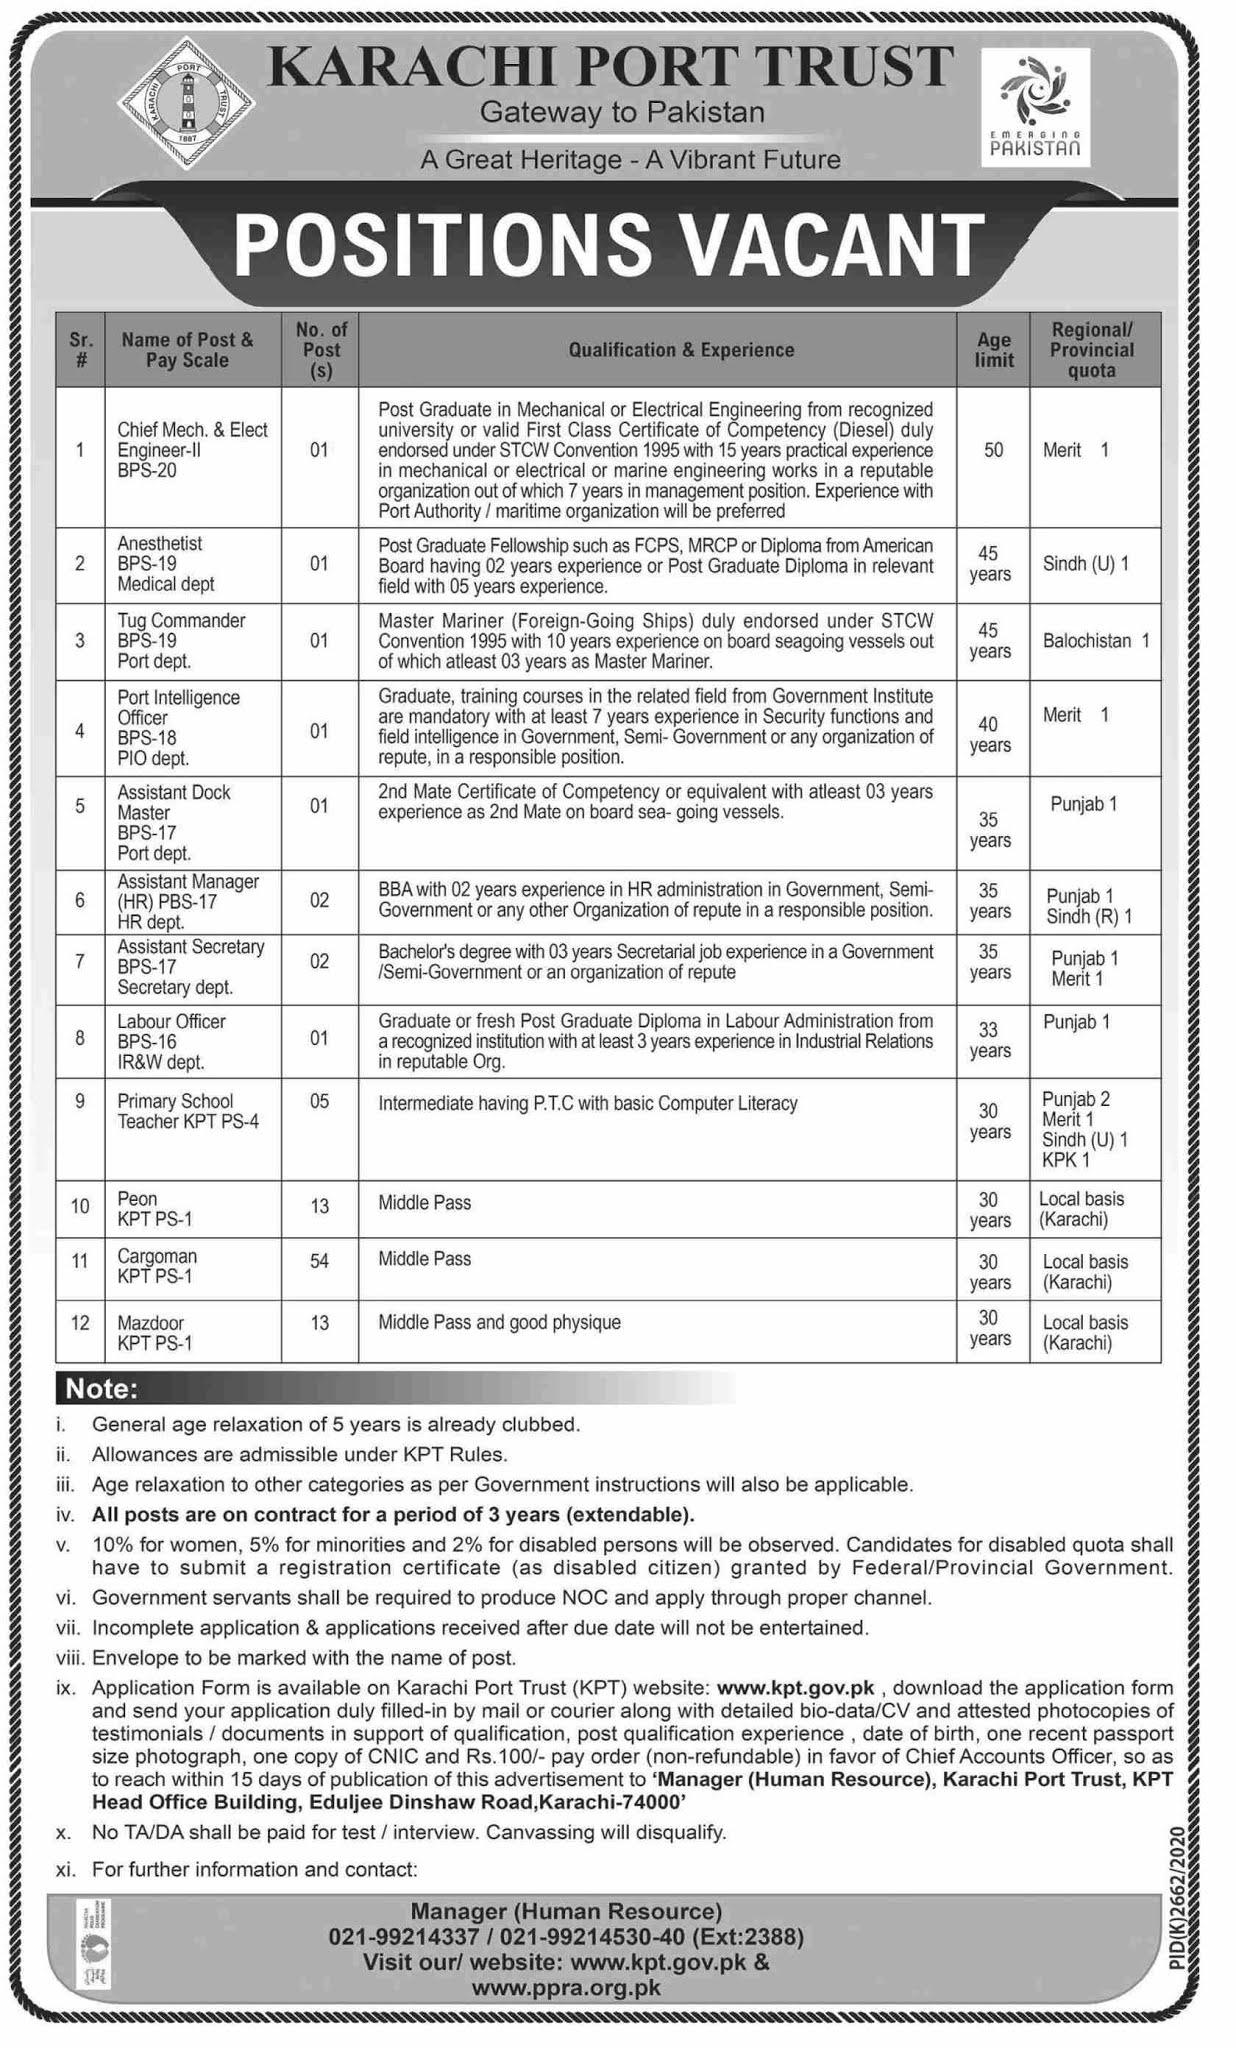 kpt.gov.pk - KPT Latest Jobs 2021 - KPT New Jobs 2021 - Karachi Port Trust Jobs 2021 - How to Apply For Karachi Port Trust (KPT) Jobs 2021 - Download KPT Job Application Form - www.kpt.gov.pk